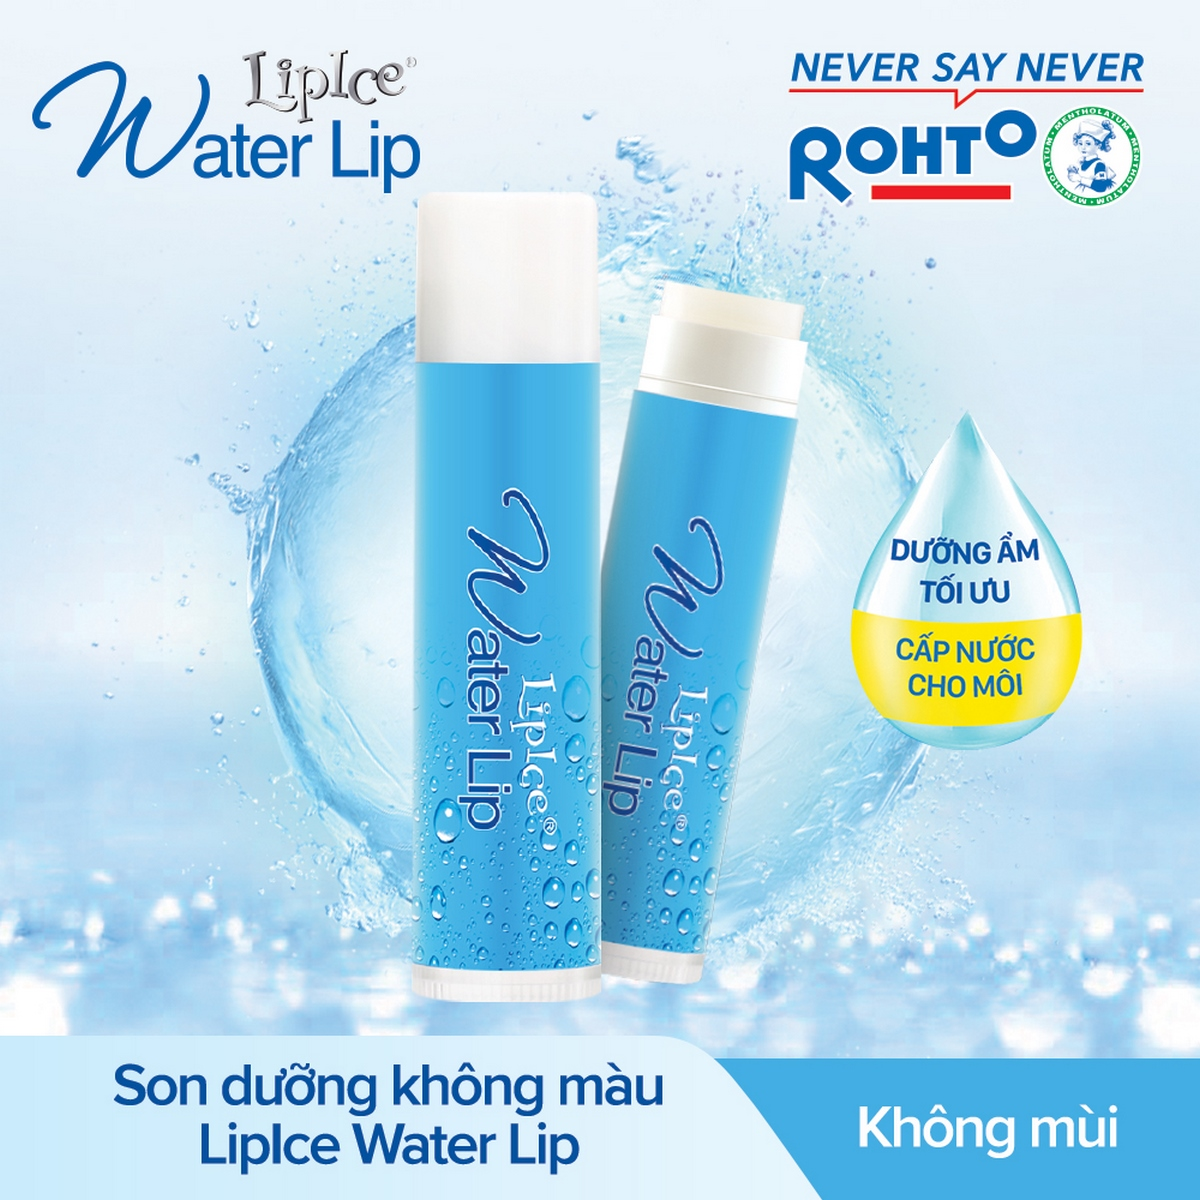 Son dưỡng không màu LipIce Water Lip không mùi 4.3g